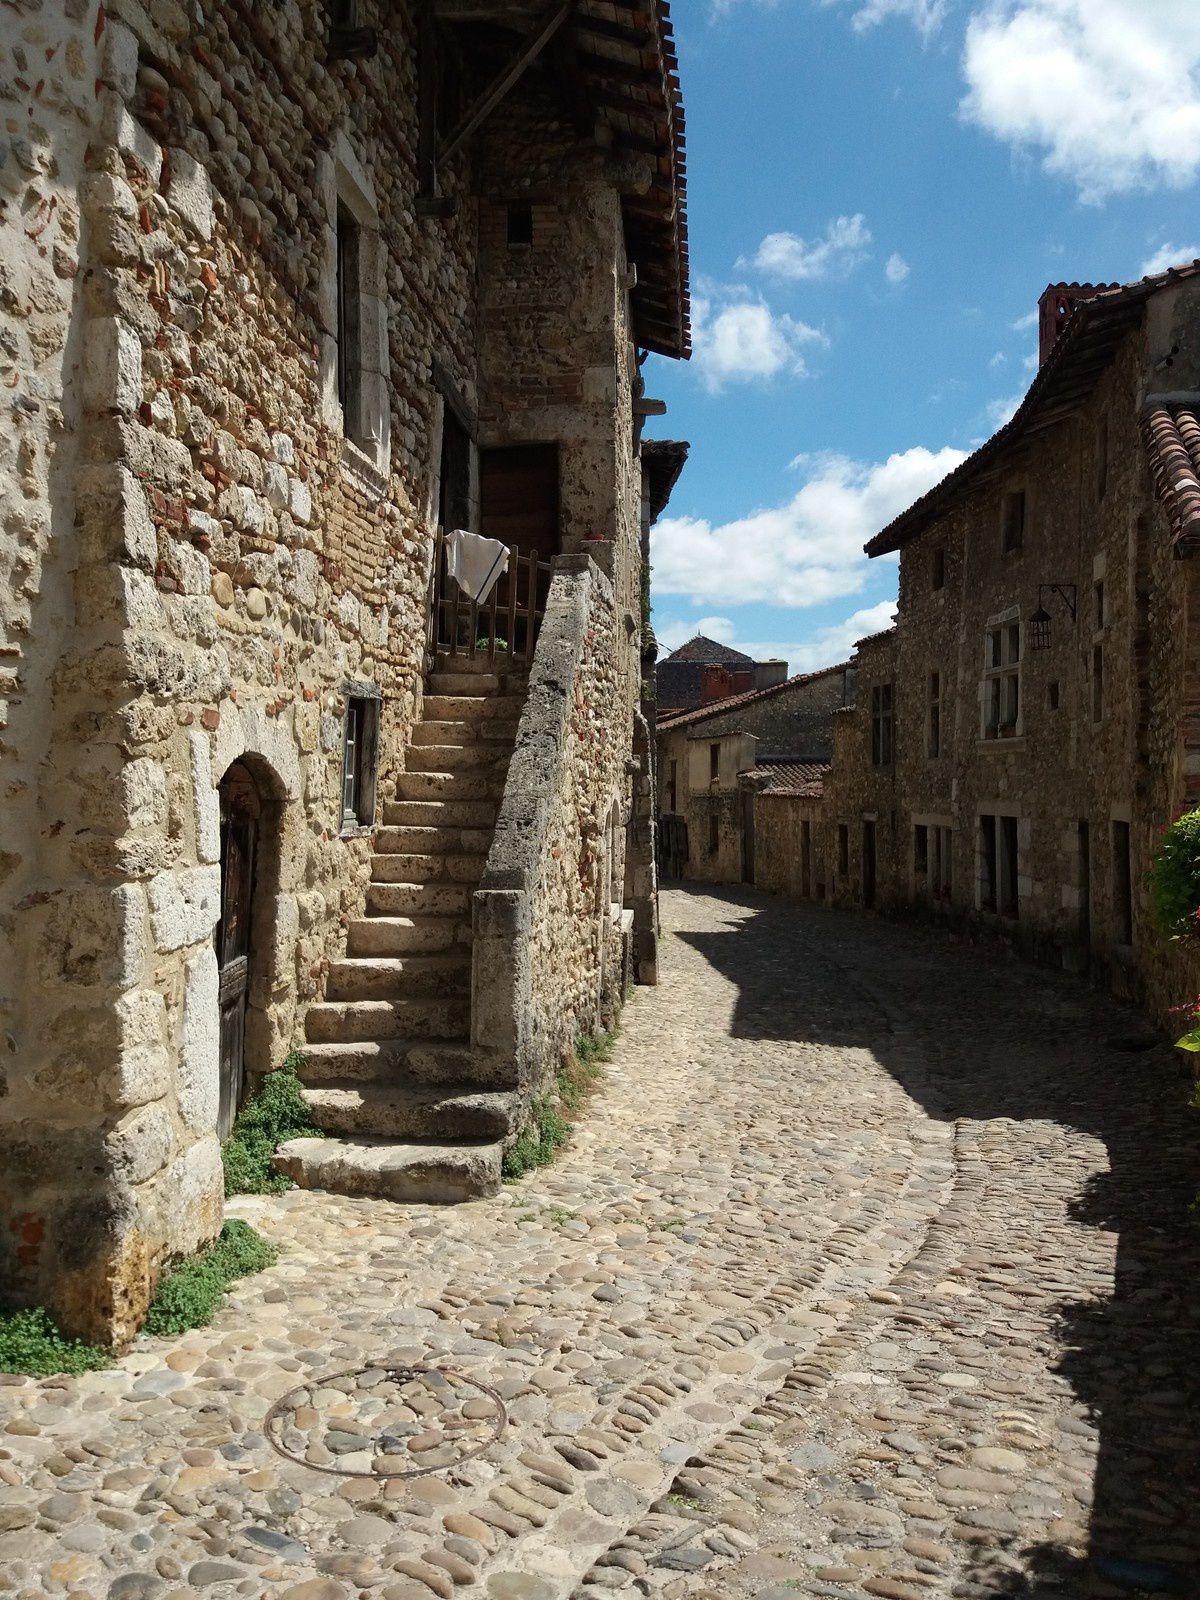 Fin de la visite...satisfait, un vrai beau village.